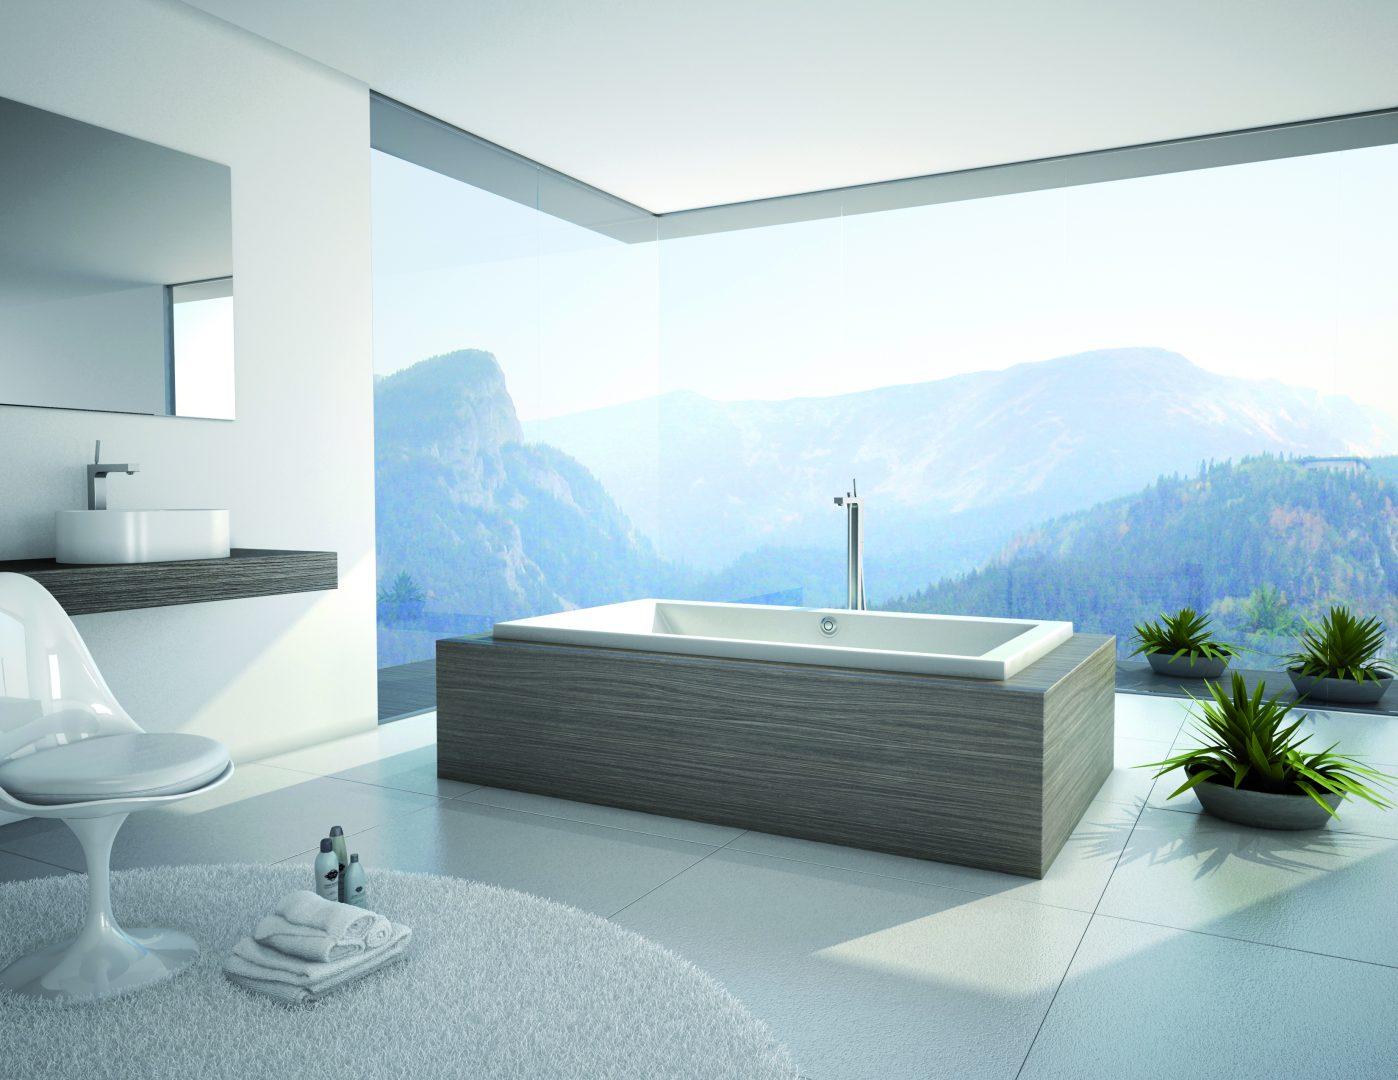 Diseno De Baños Sin Banera:Bañeras y duchas